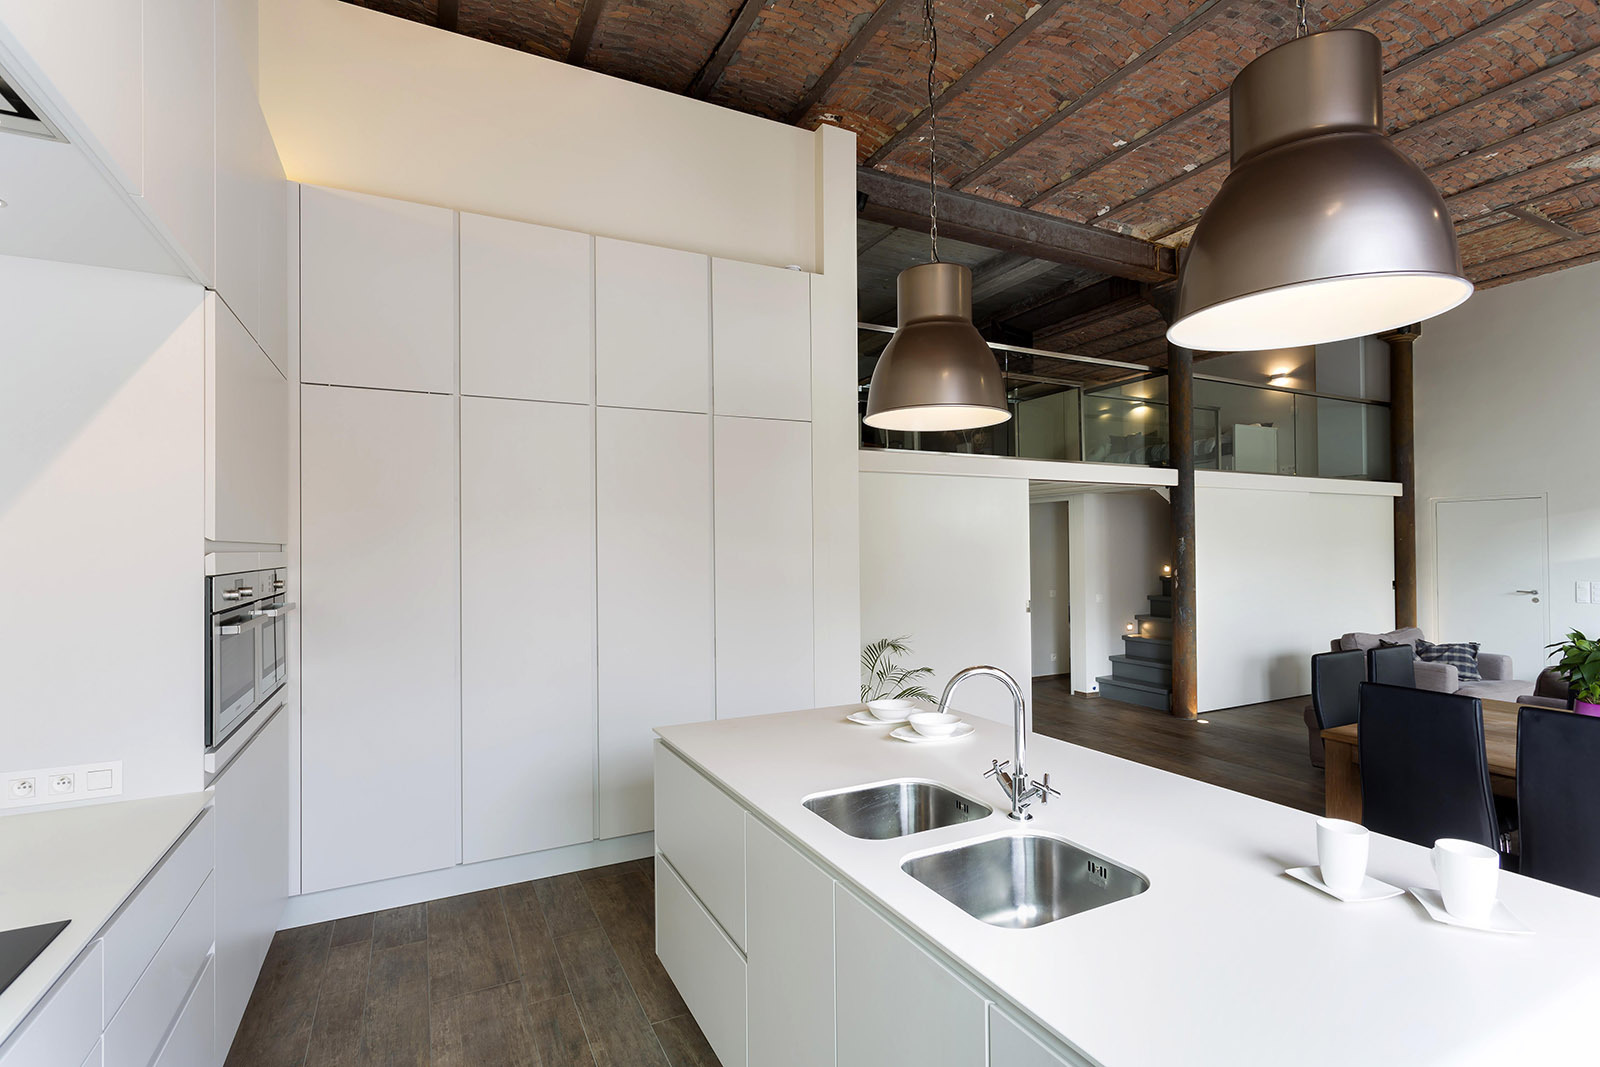 Welkom Bij Horemans Keukens Op Maat Badkamer Interieur Meubels Horemans